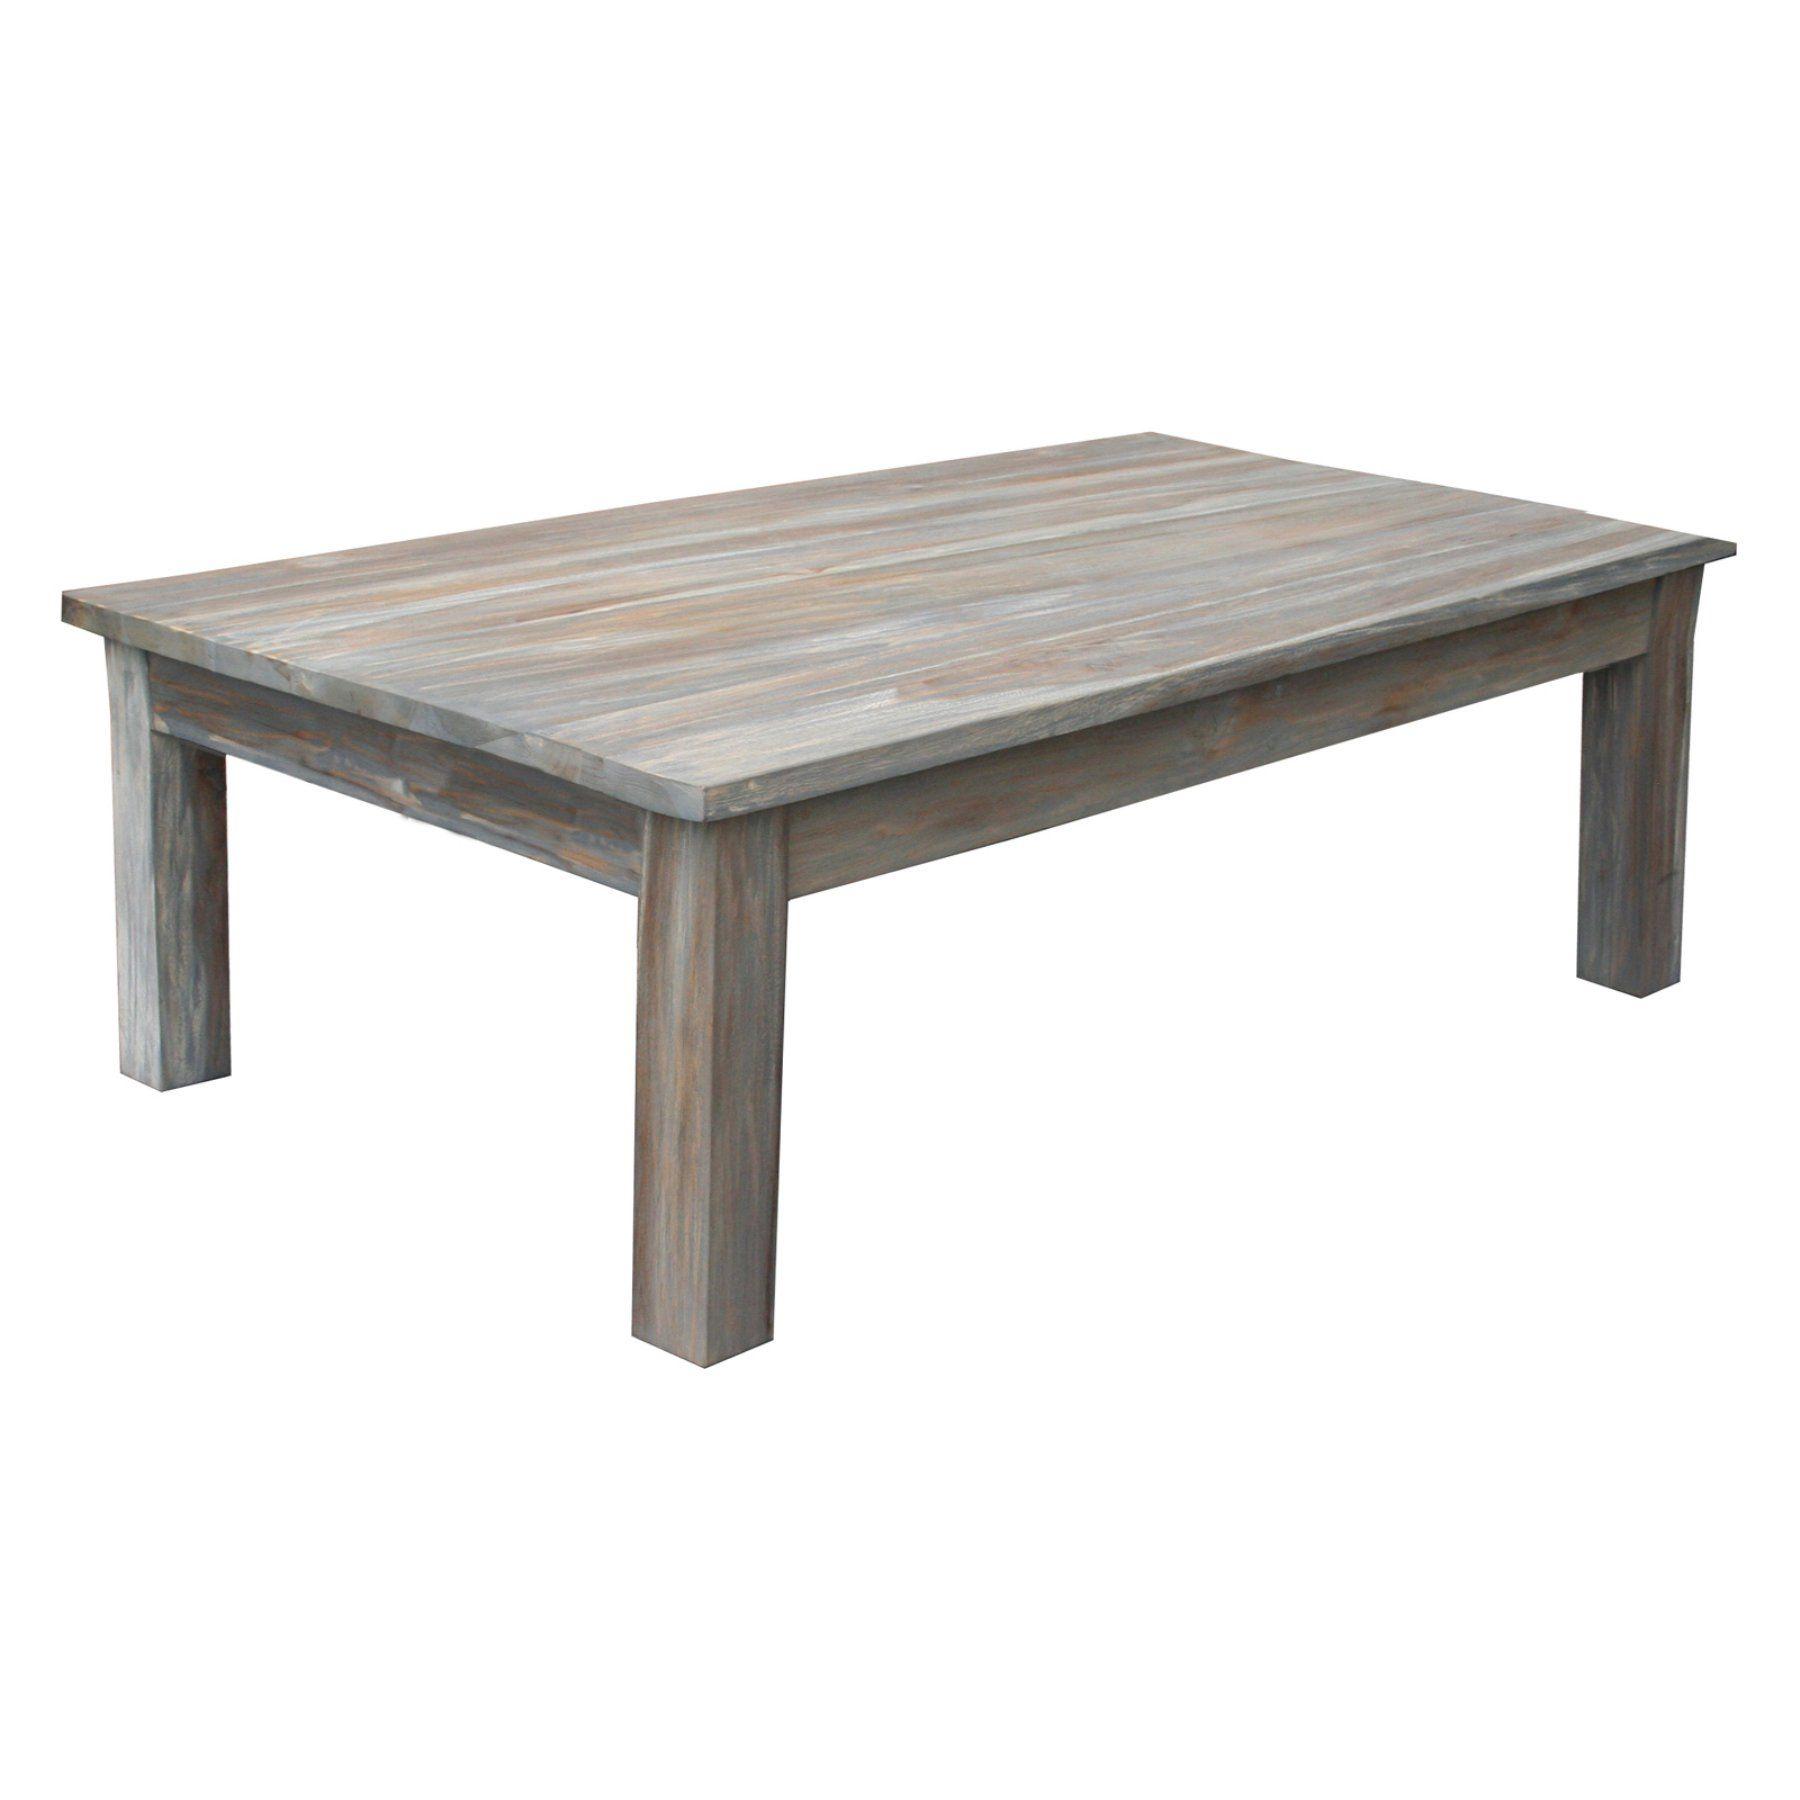 Chic Teak Teak Wood Gray Wash Rustic Indoor Outdoor Coffee Table Coffee Table Rustic Coffee Tables Outdoor Coffee Tables